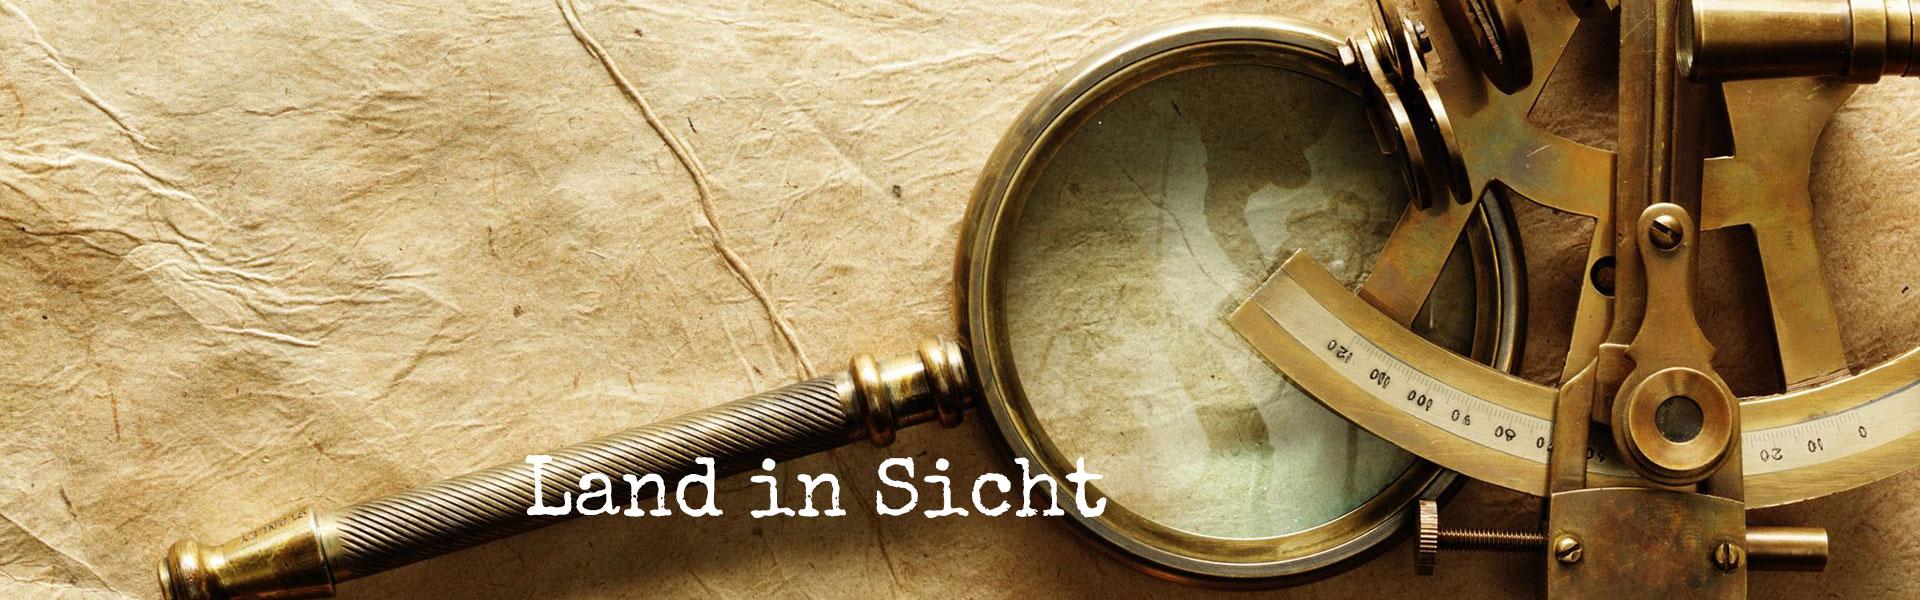 Zirkel, Sextant, Kompass und Lupe